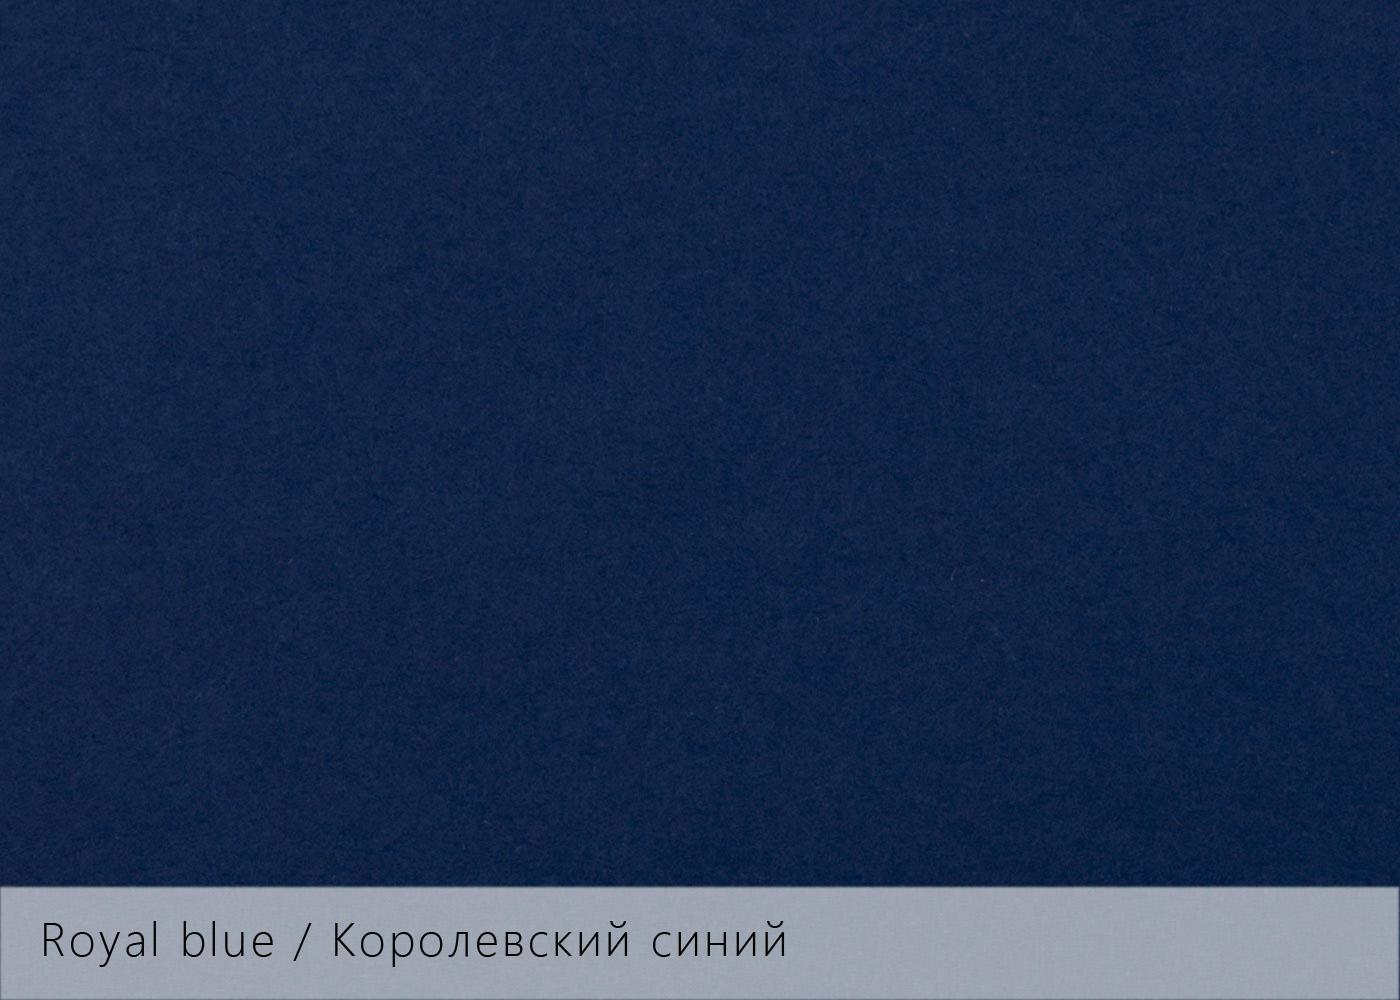 Keaykolour Royal blue - Королевский синий